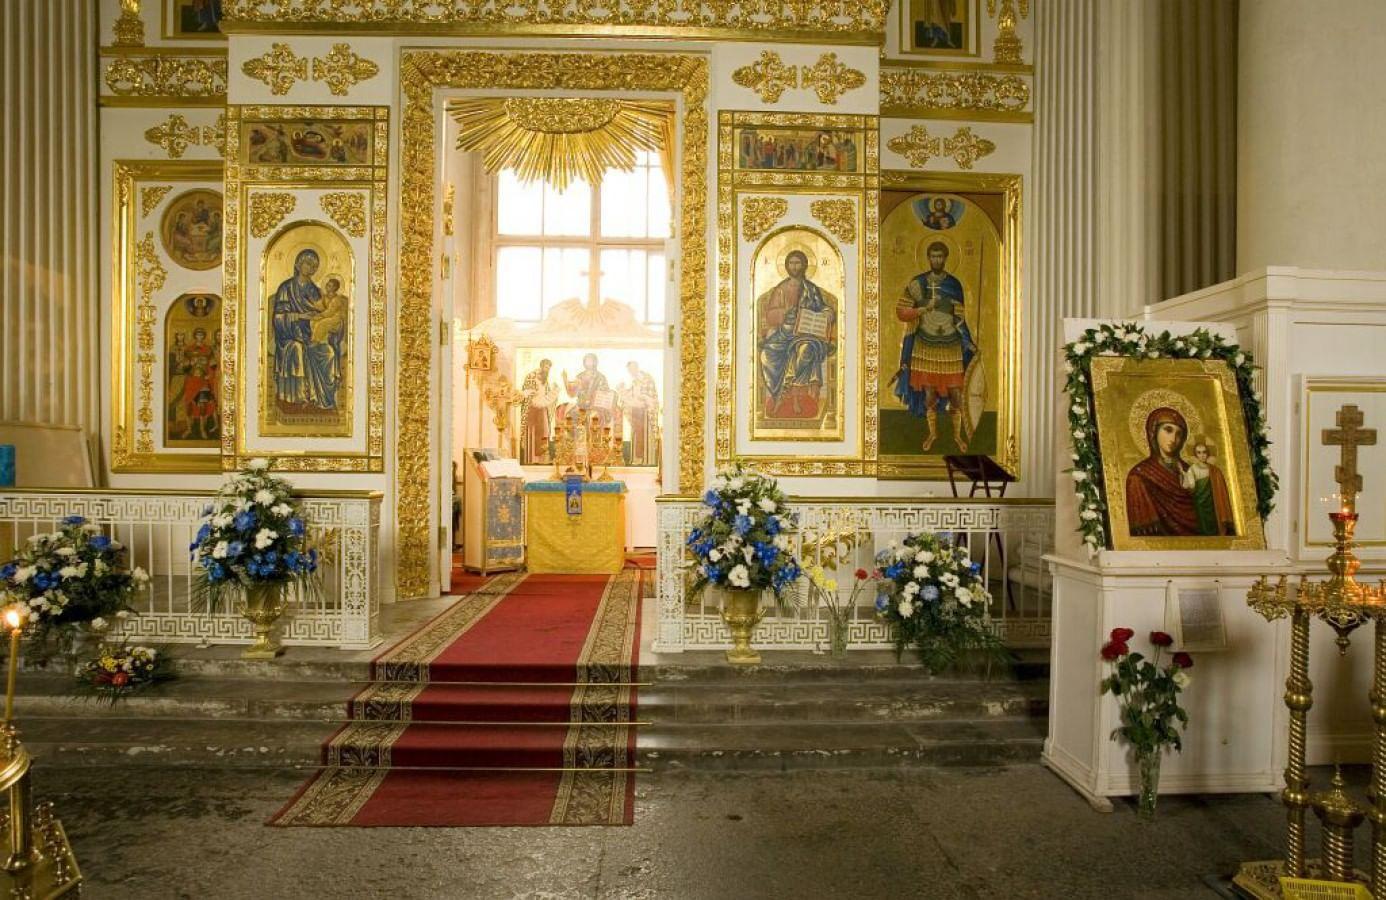 Собор Святой Живоначальной Троицы лейб-гвардии Измайловского полка